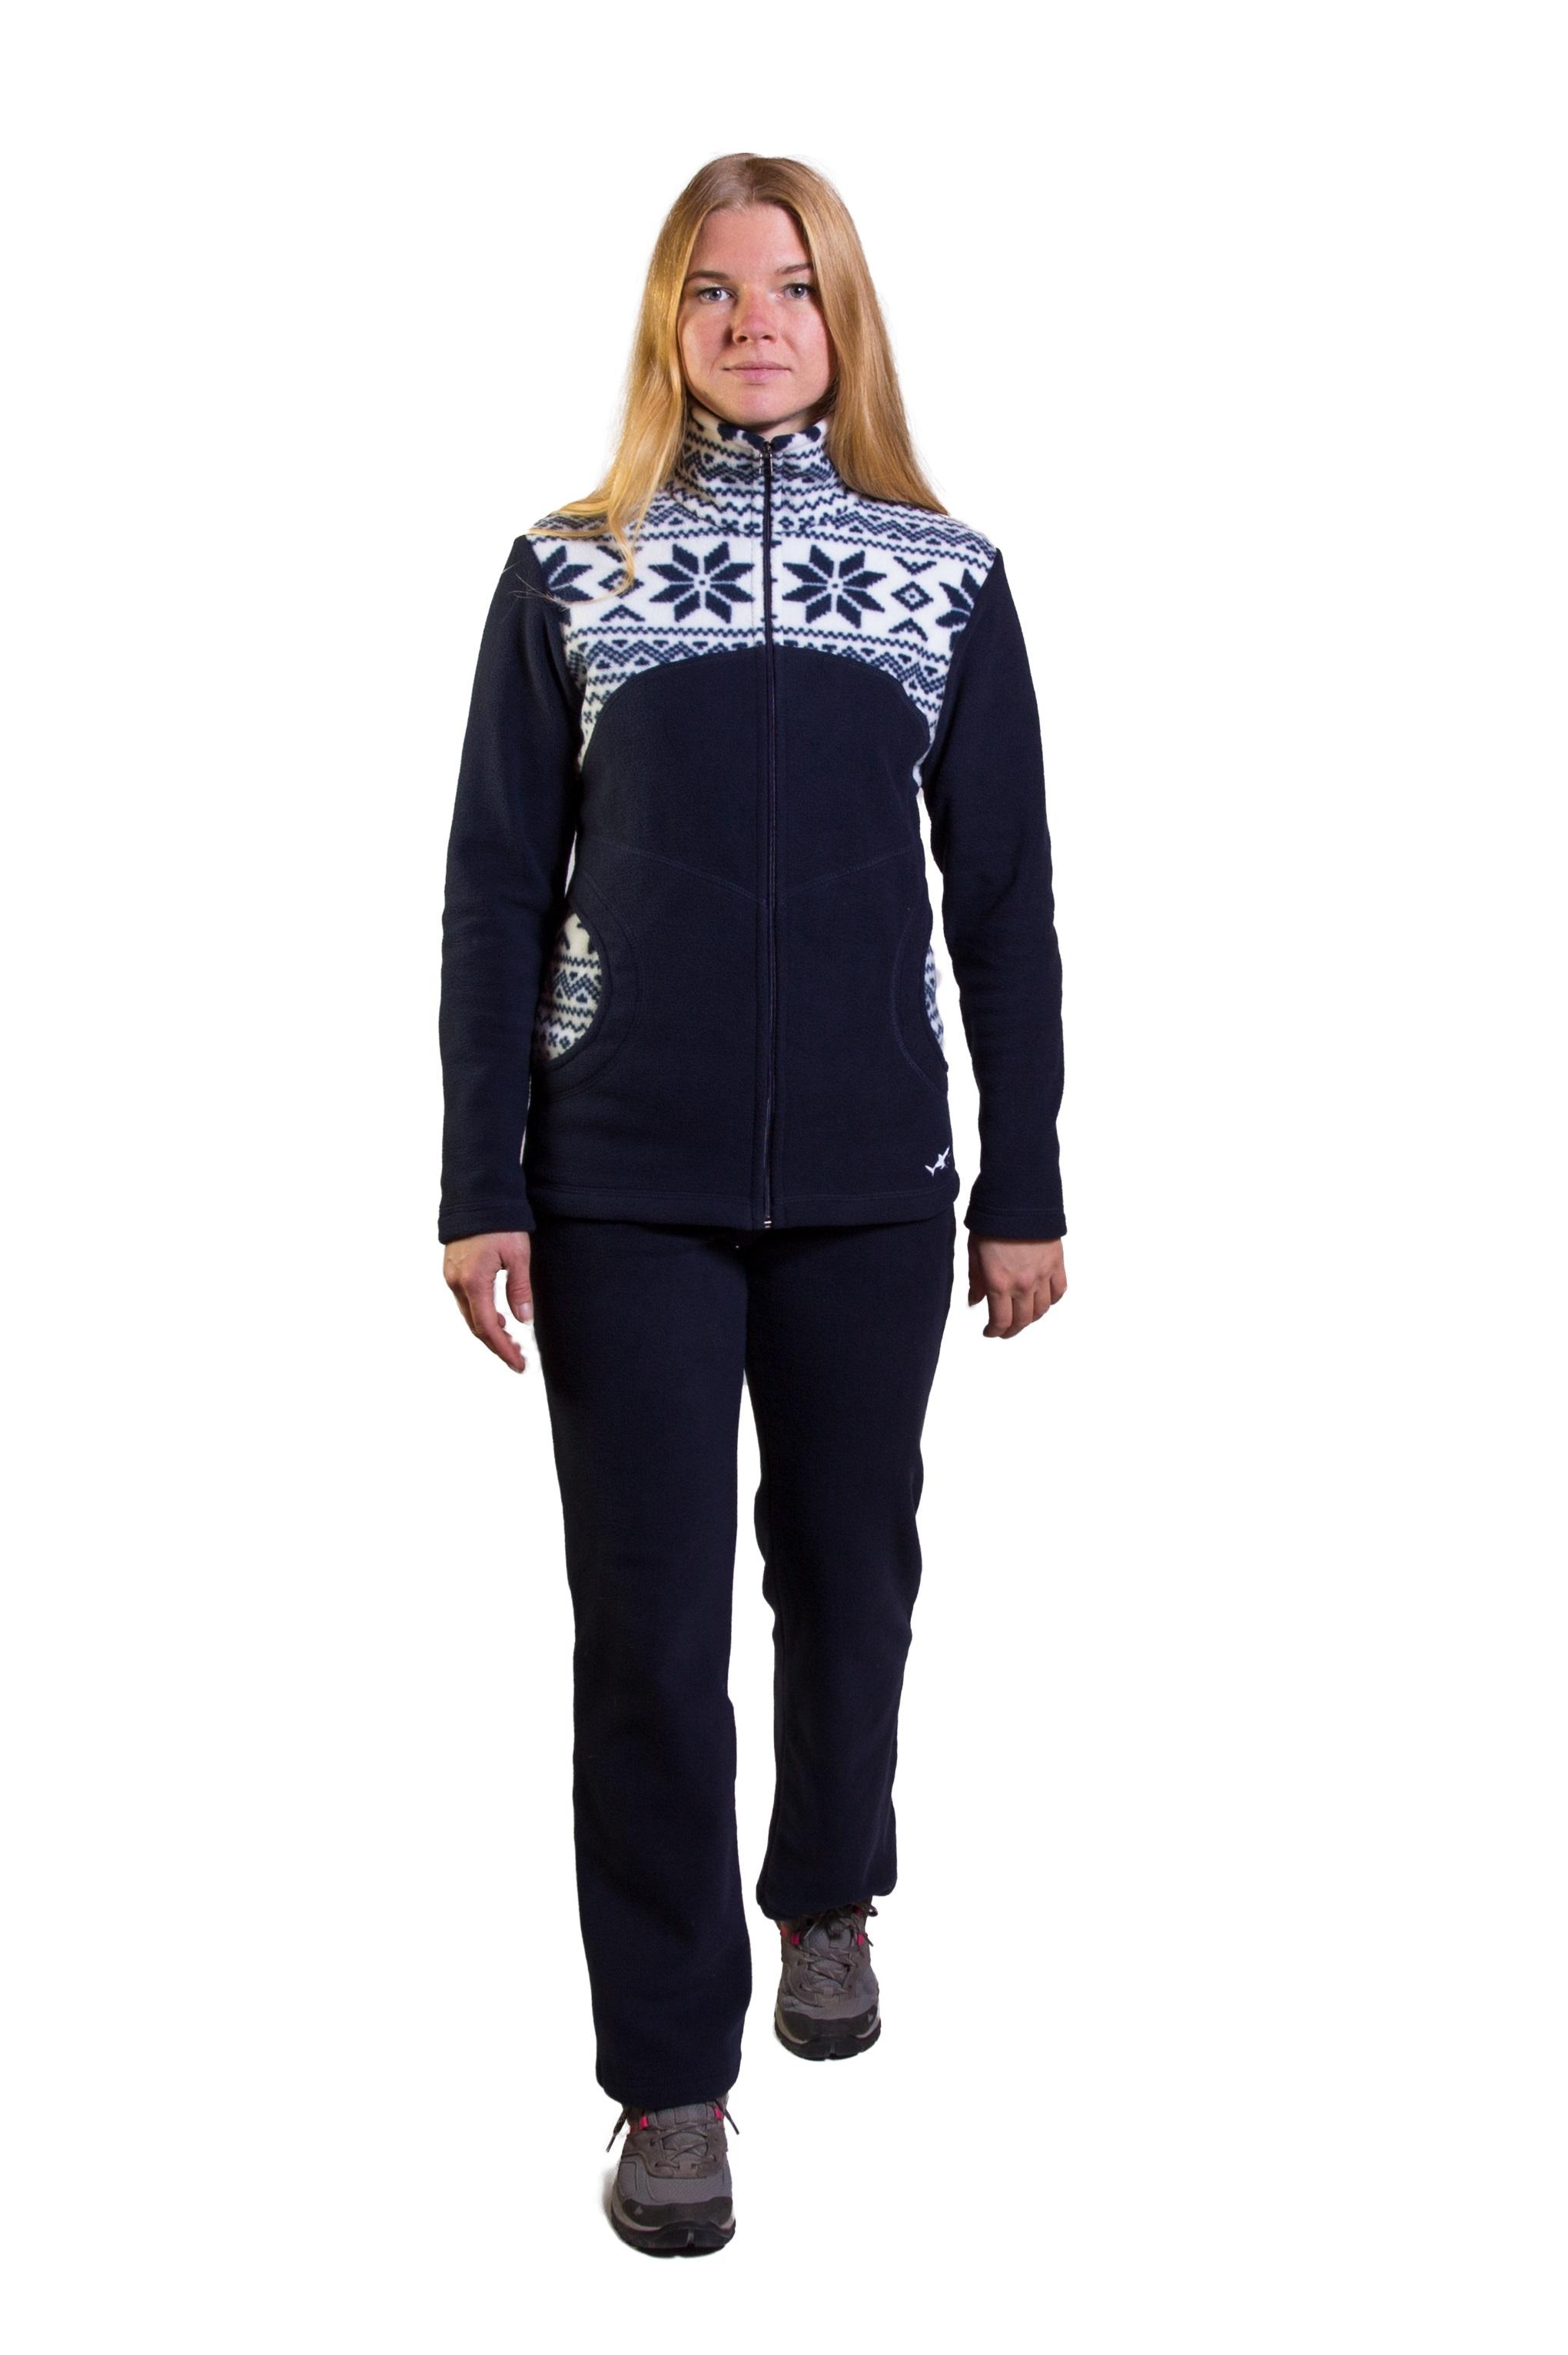 Флисовый костюм KATRAN Паола (Размер: 44 Рост: